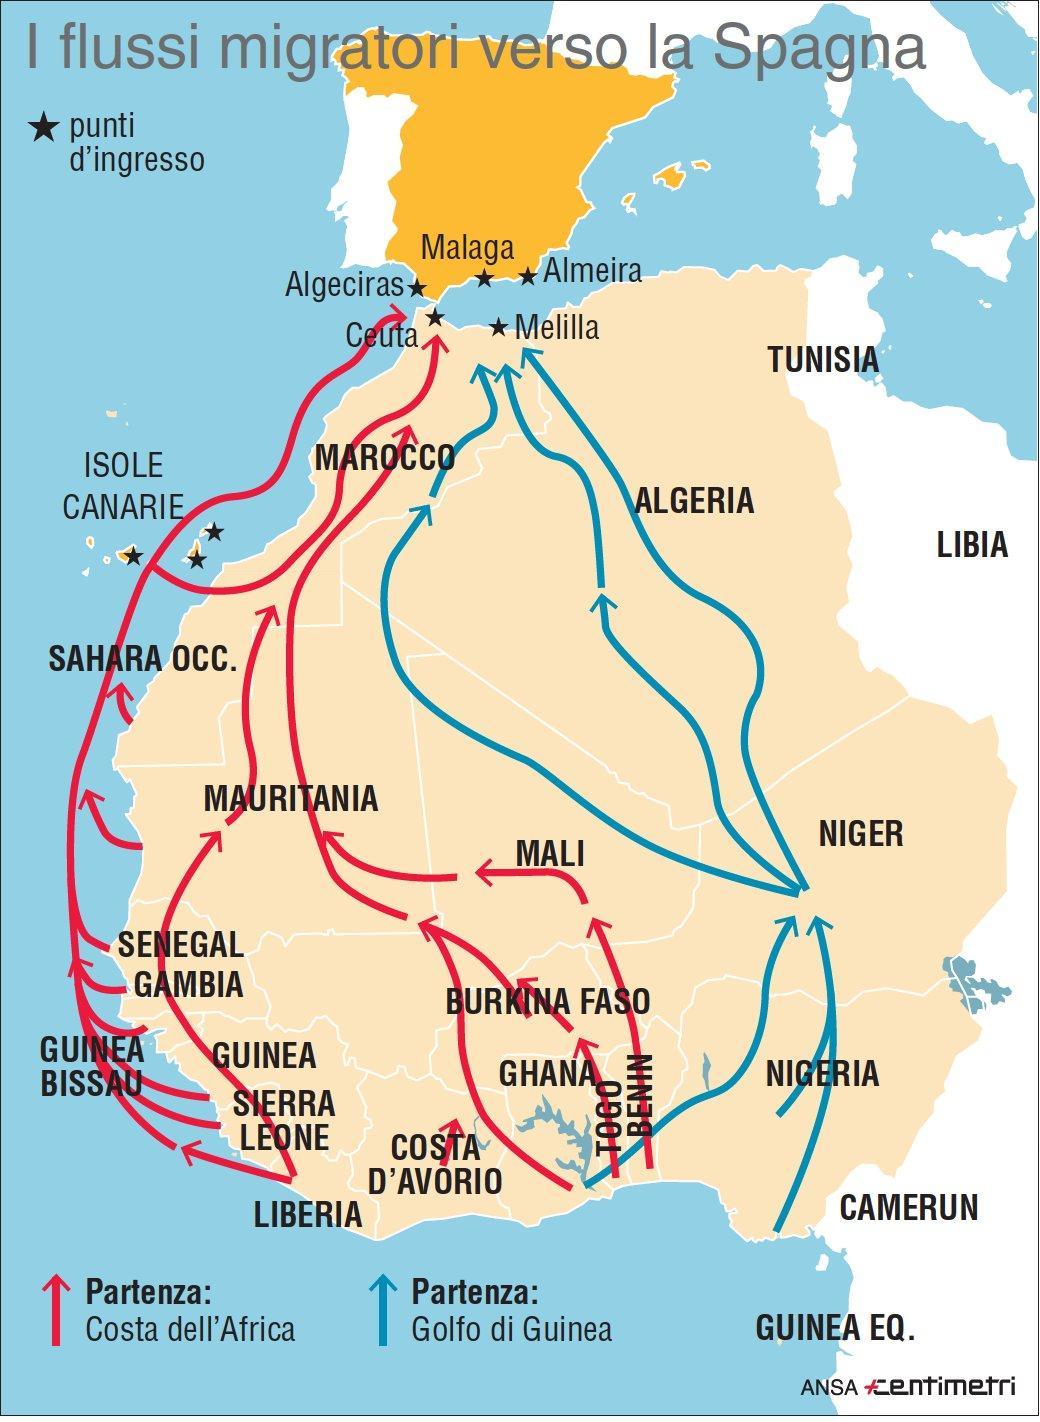 I flussi migratori dall Africa verso la Spagna